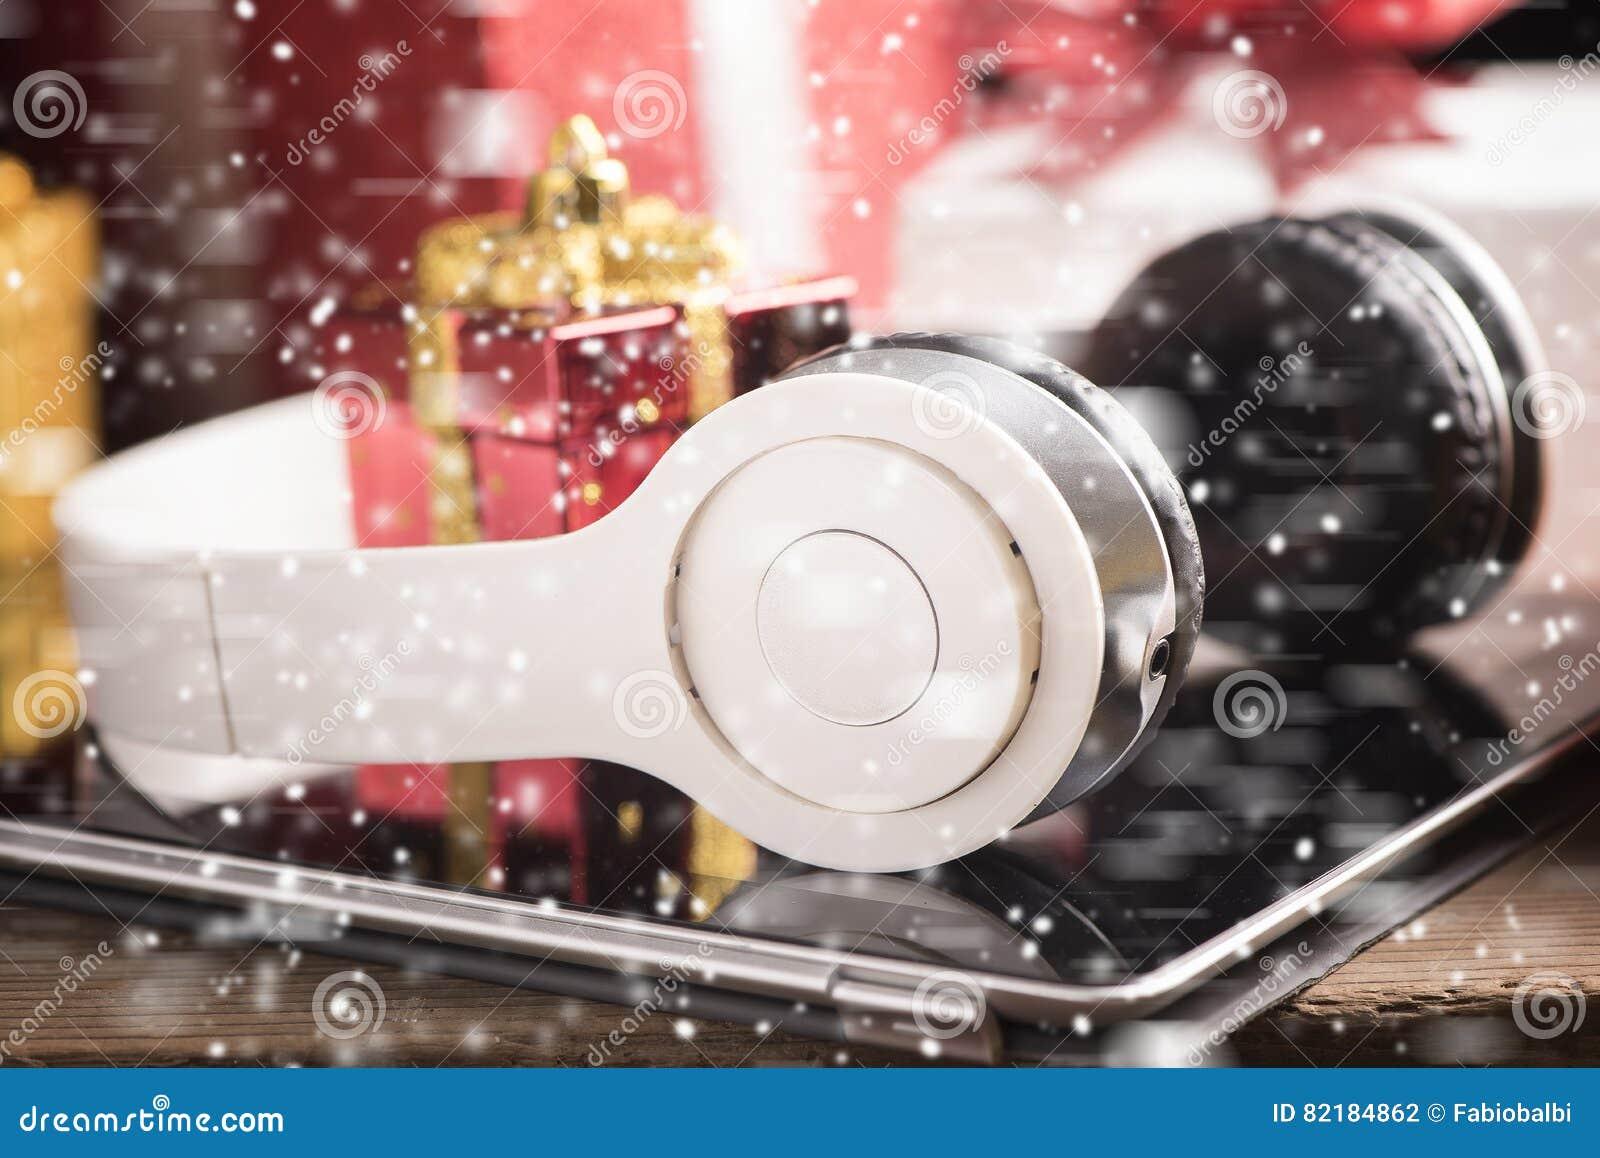 Tablet-und Kopfhörer Beste Weihnachtsgeschenke Stockfoto - Bild von ...